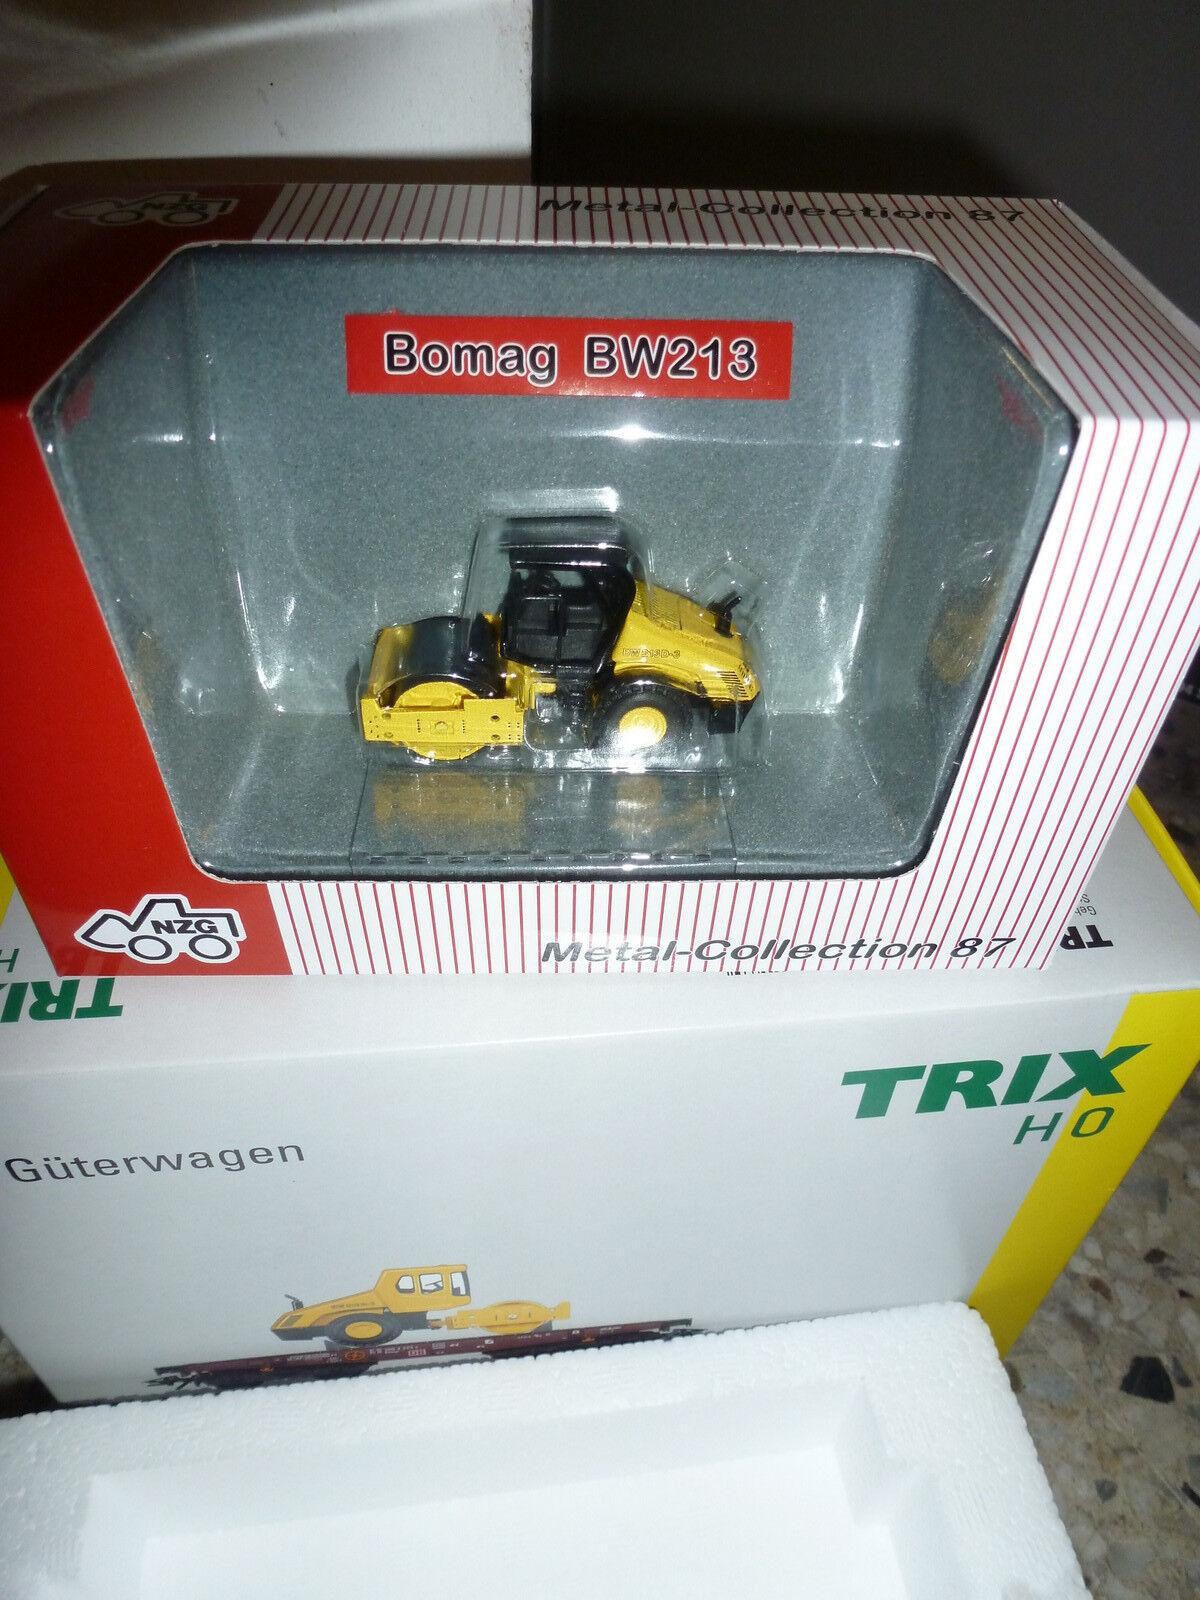 Trix Schwerlastwagen Schwerlastwagen Schwerlastwagen mit einer Bomag BW213  Nr. 24118  | Neuheit Spielzeug  c1b3a4